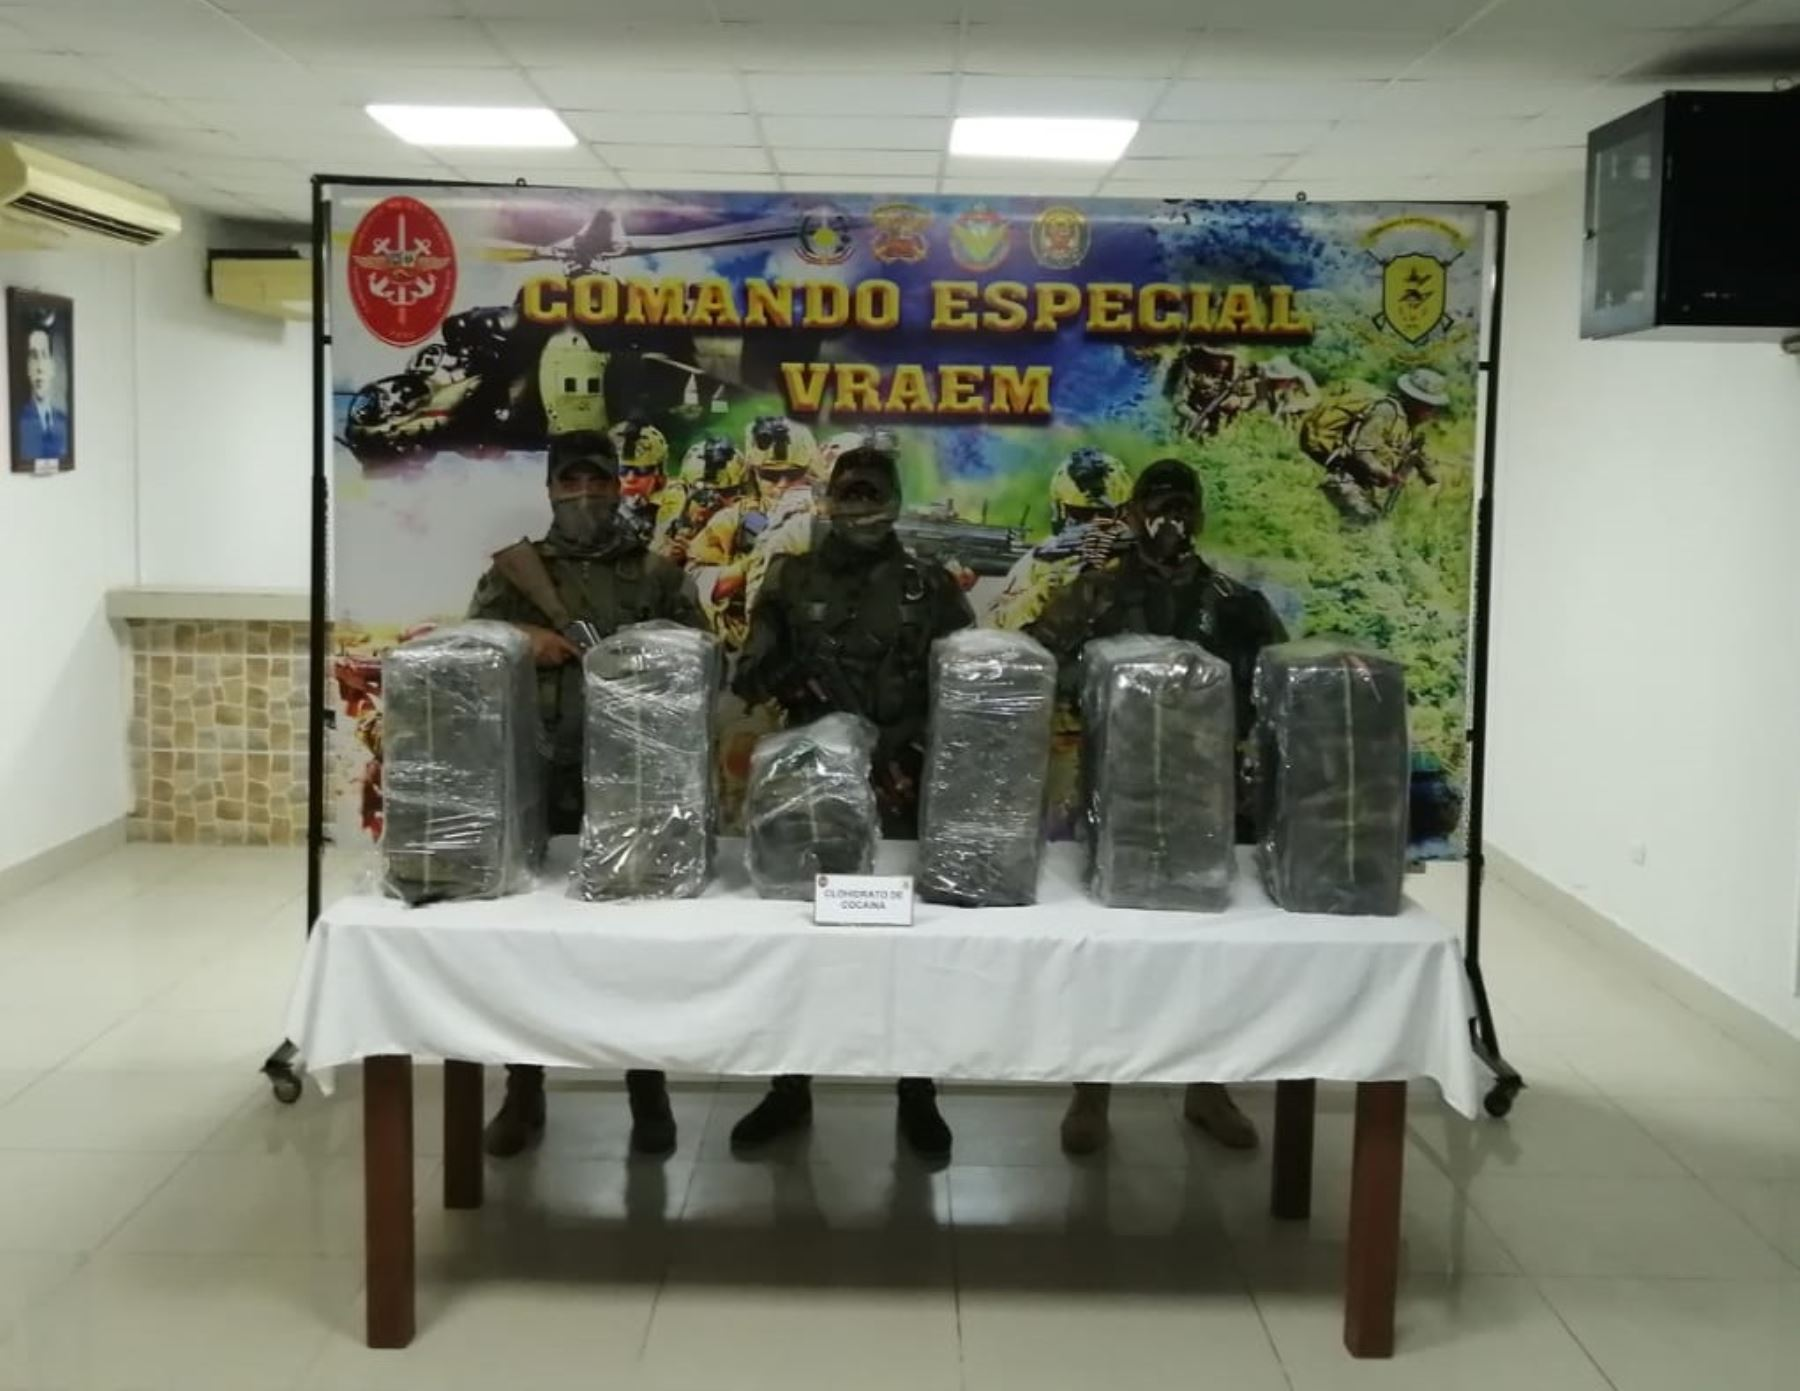 Vraem: incautan droga y desarticulan campamento de narcotraficantes en Megantoni